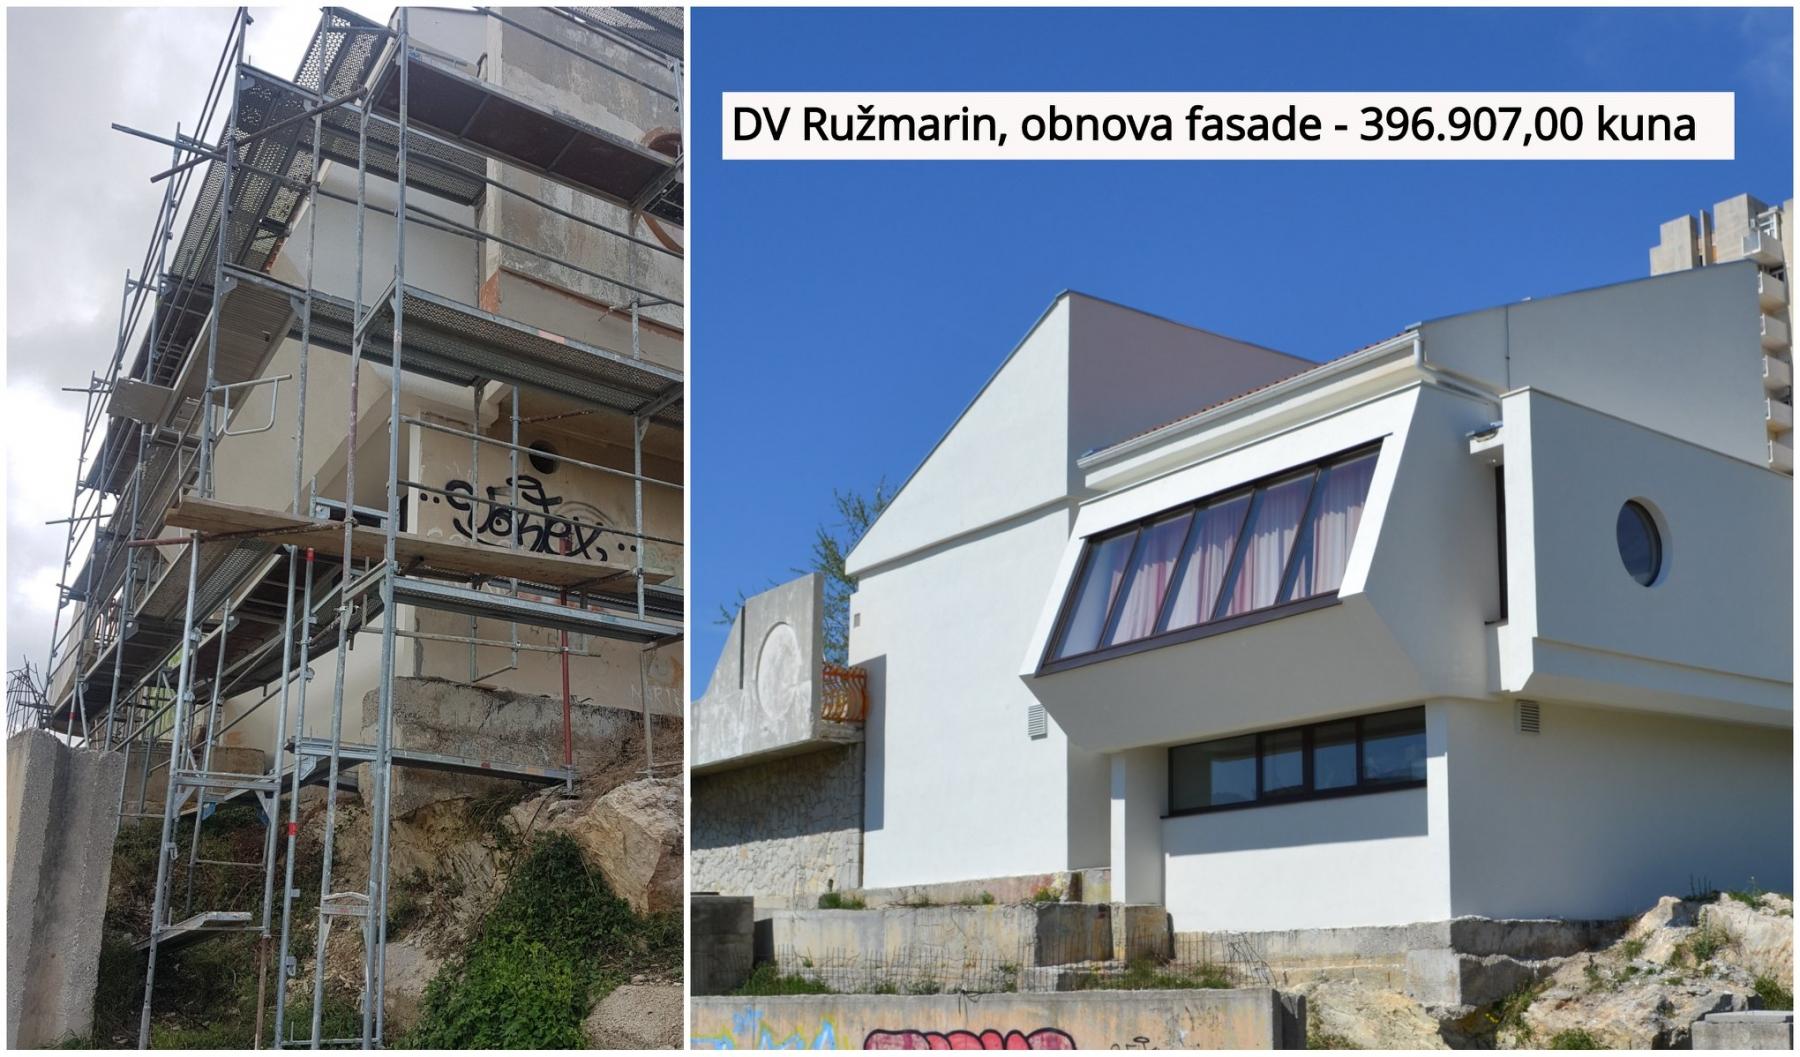 DV Ružmarin